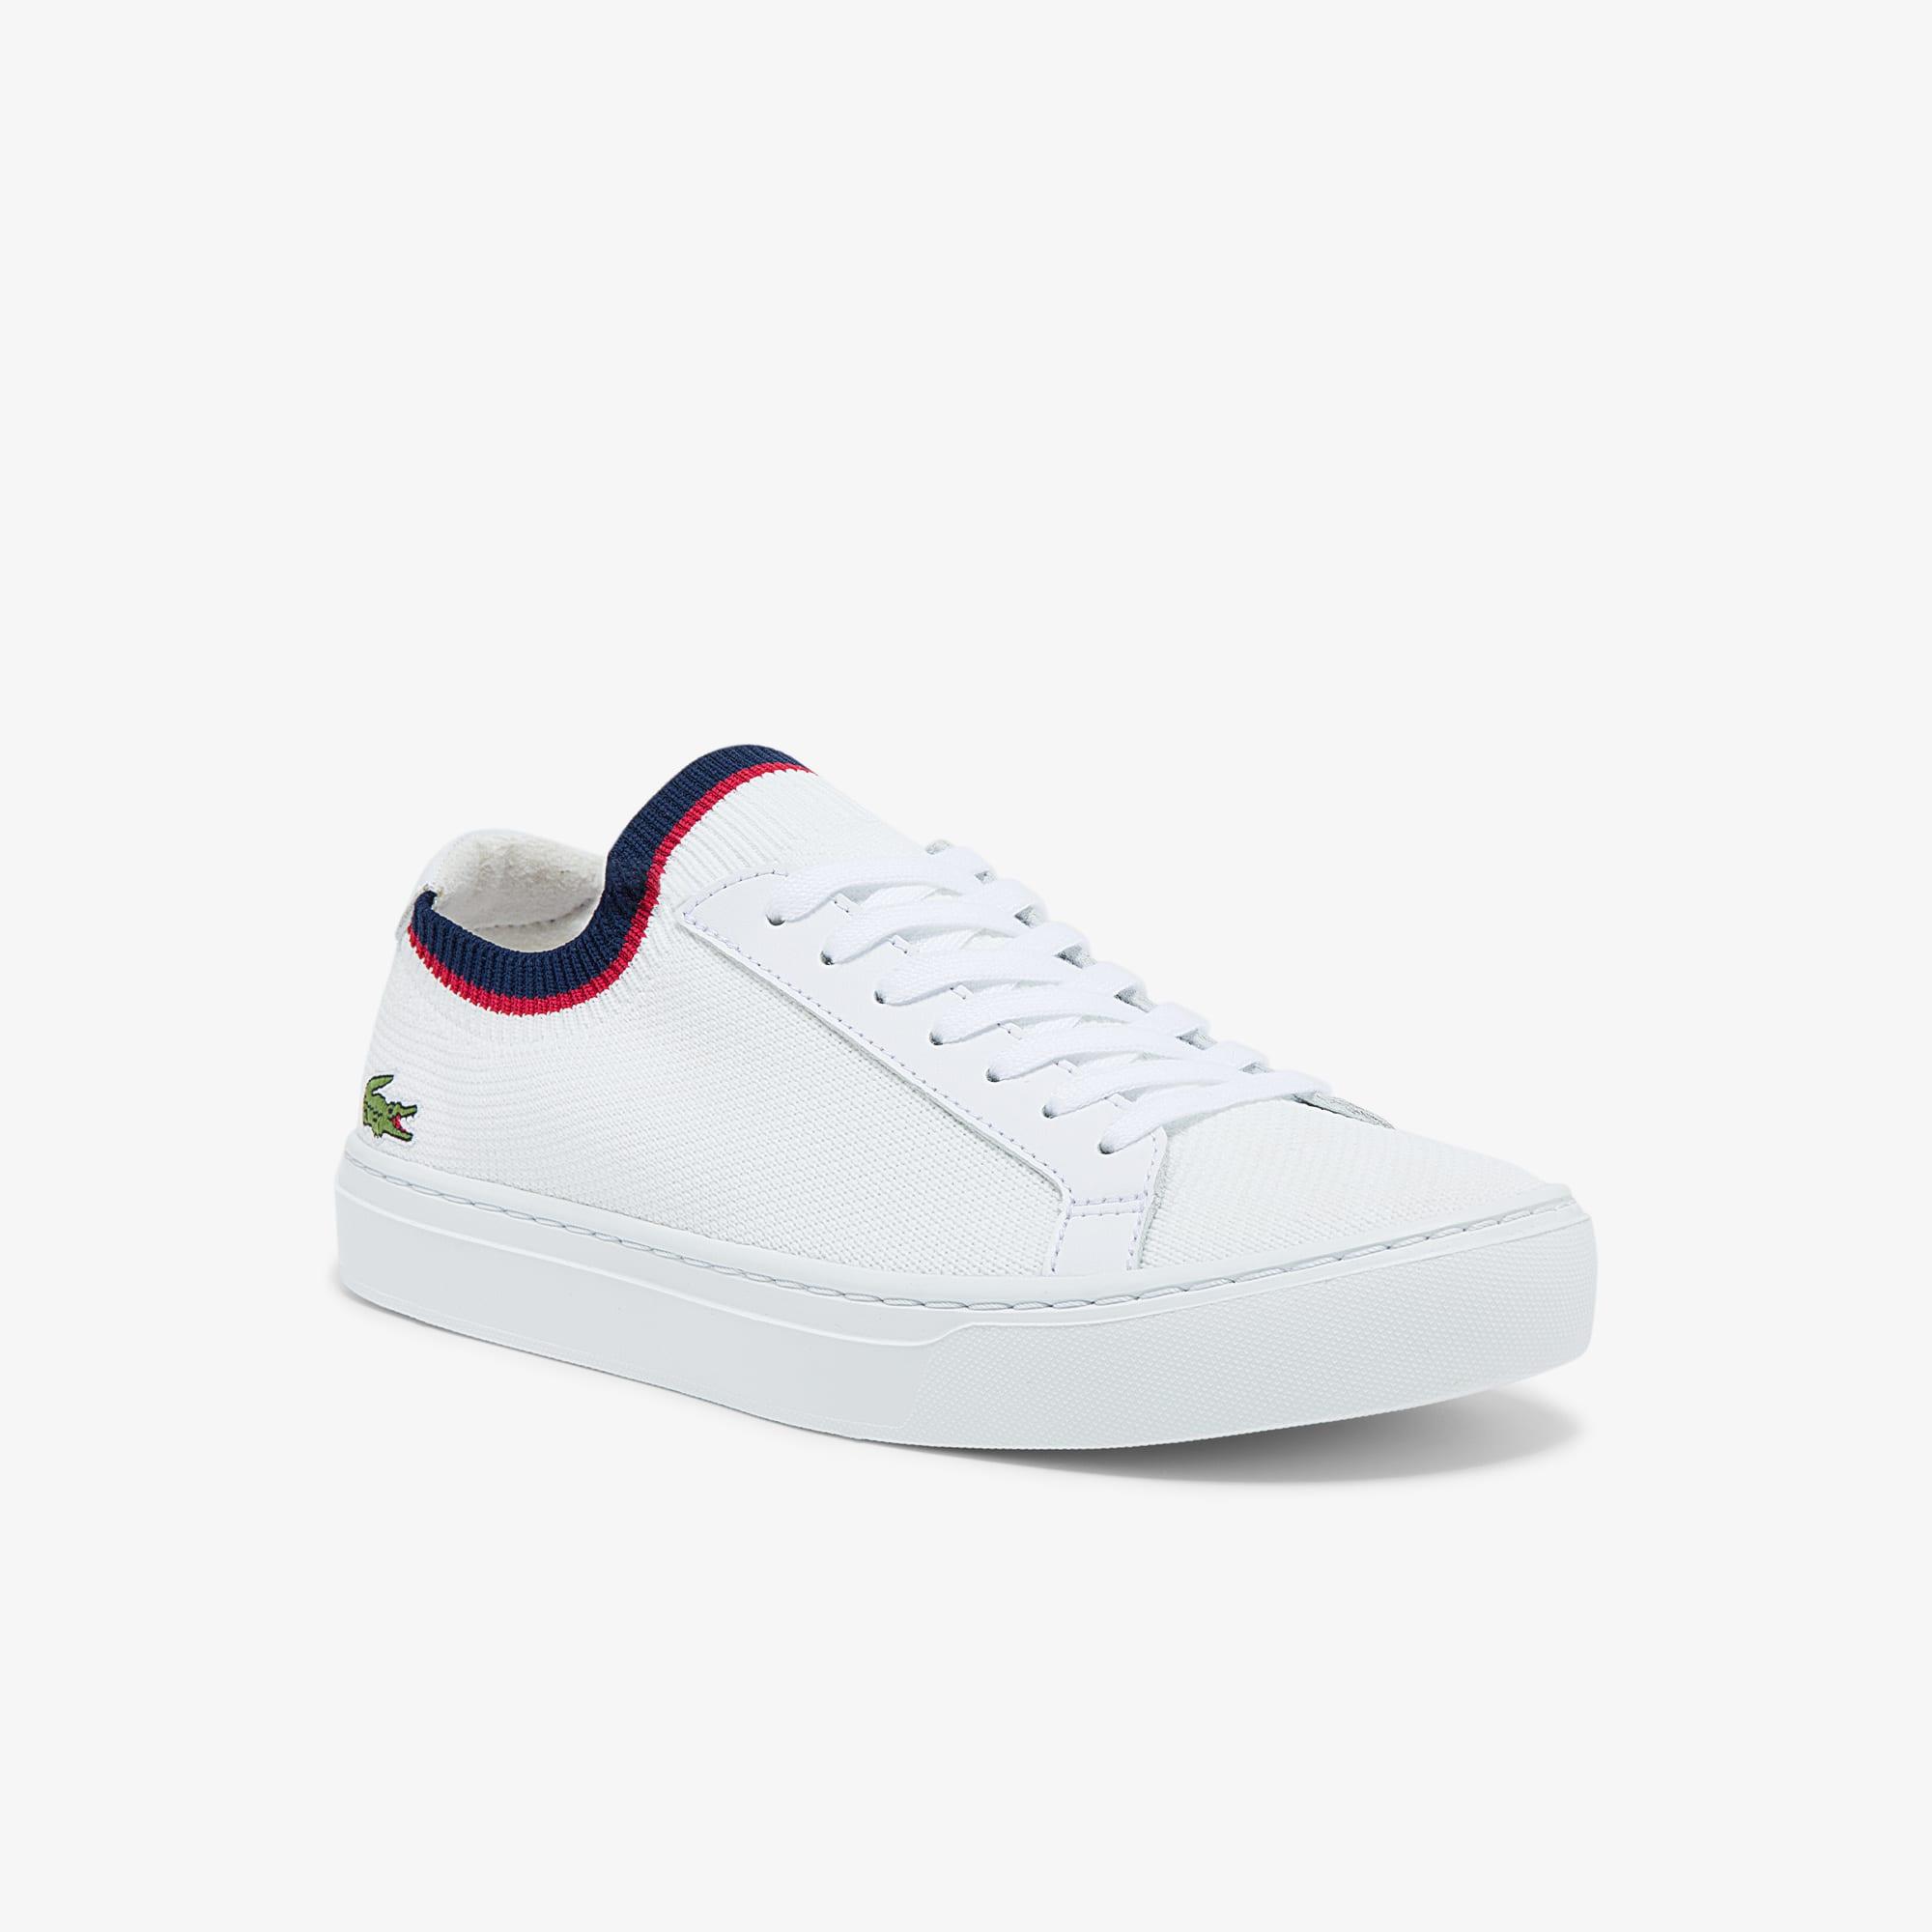 7a2364ce8 Men s Shoes